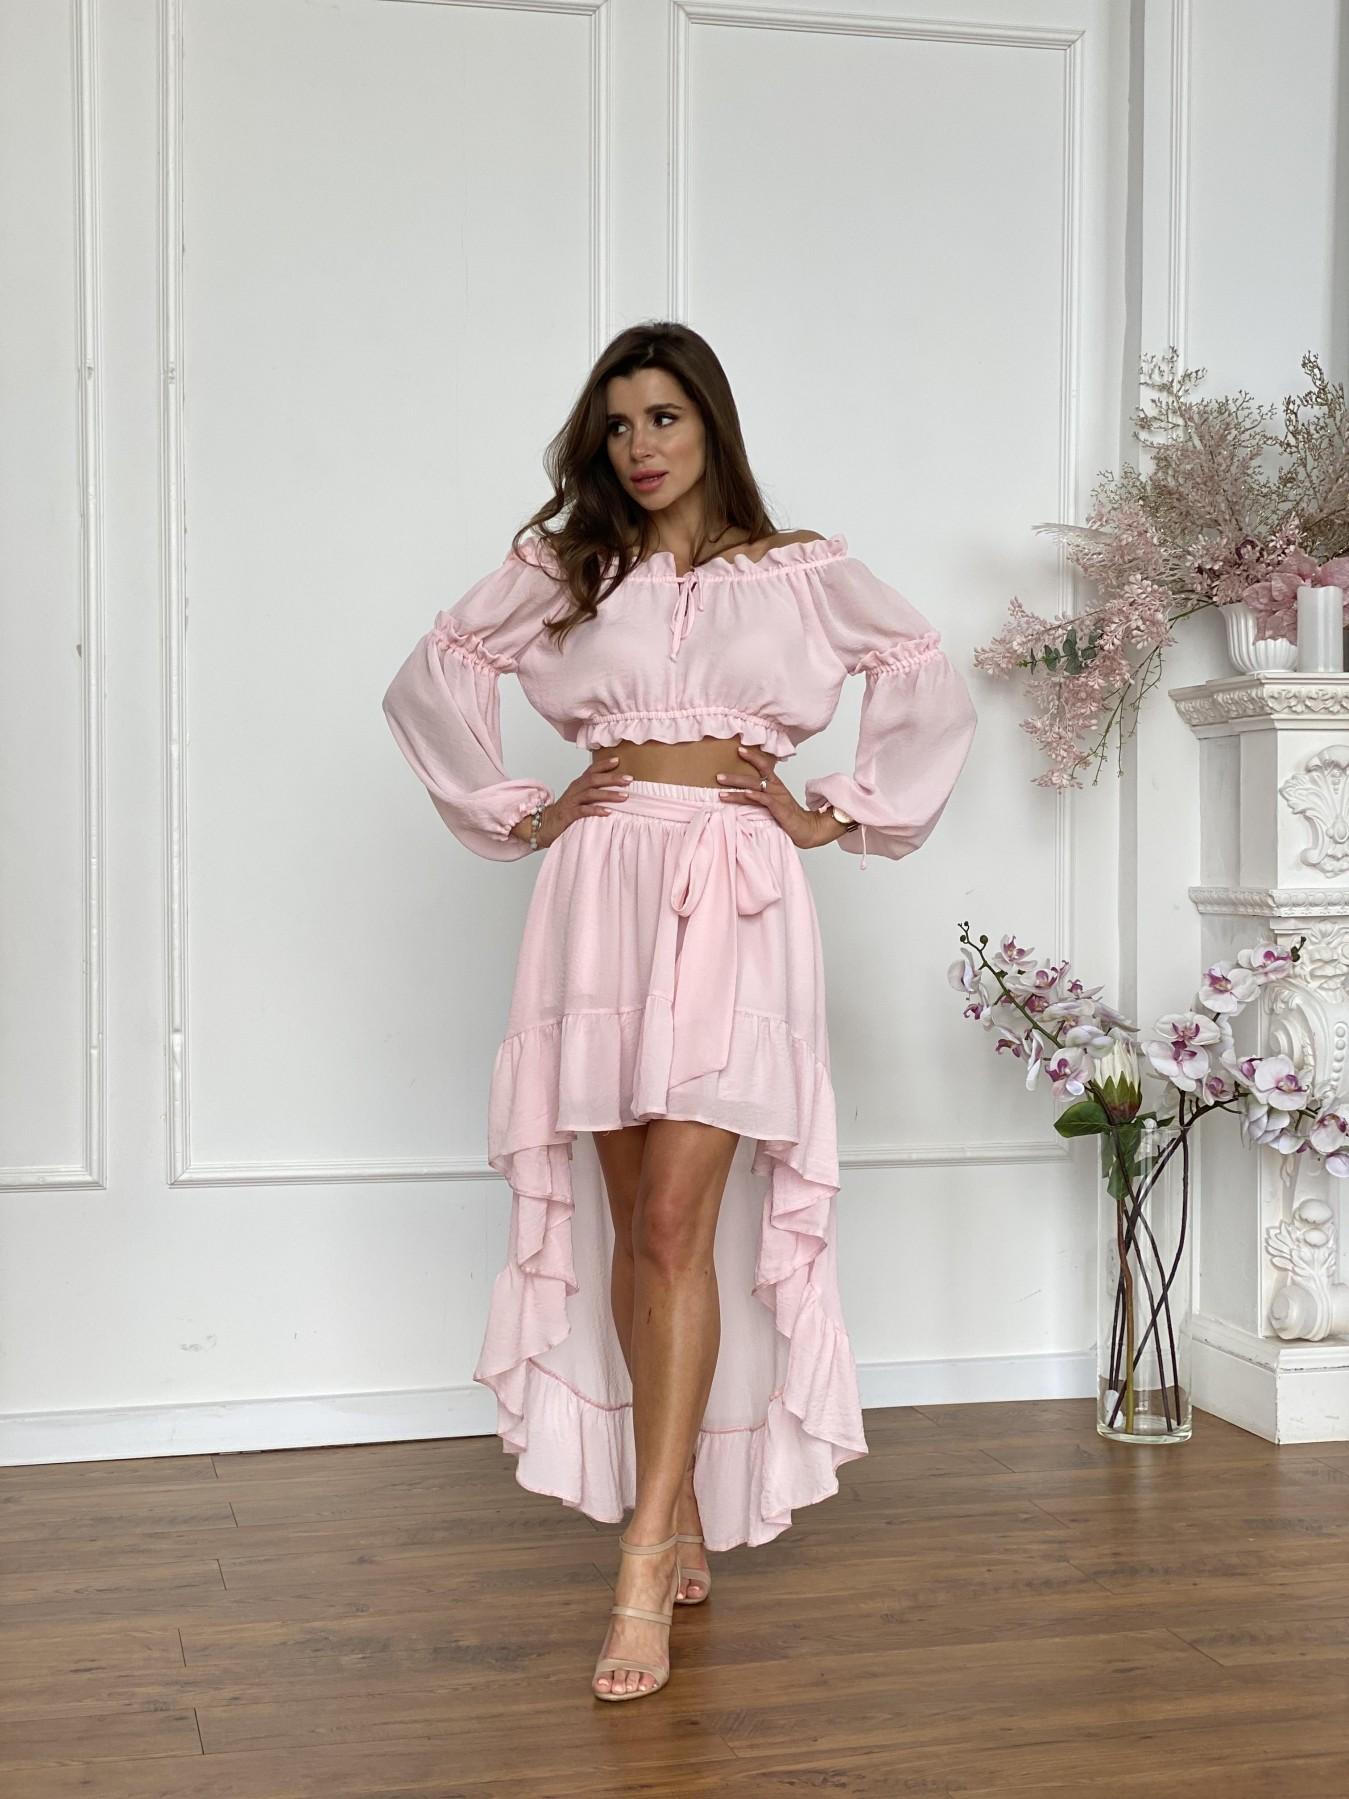 Шалер костюм из креп креш жоржет 11566 АРТ. 48243 Цвет: Розовый Светлый - фото 1, интернет магазин tm-modus.ru